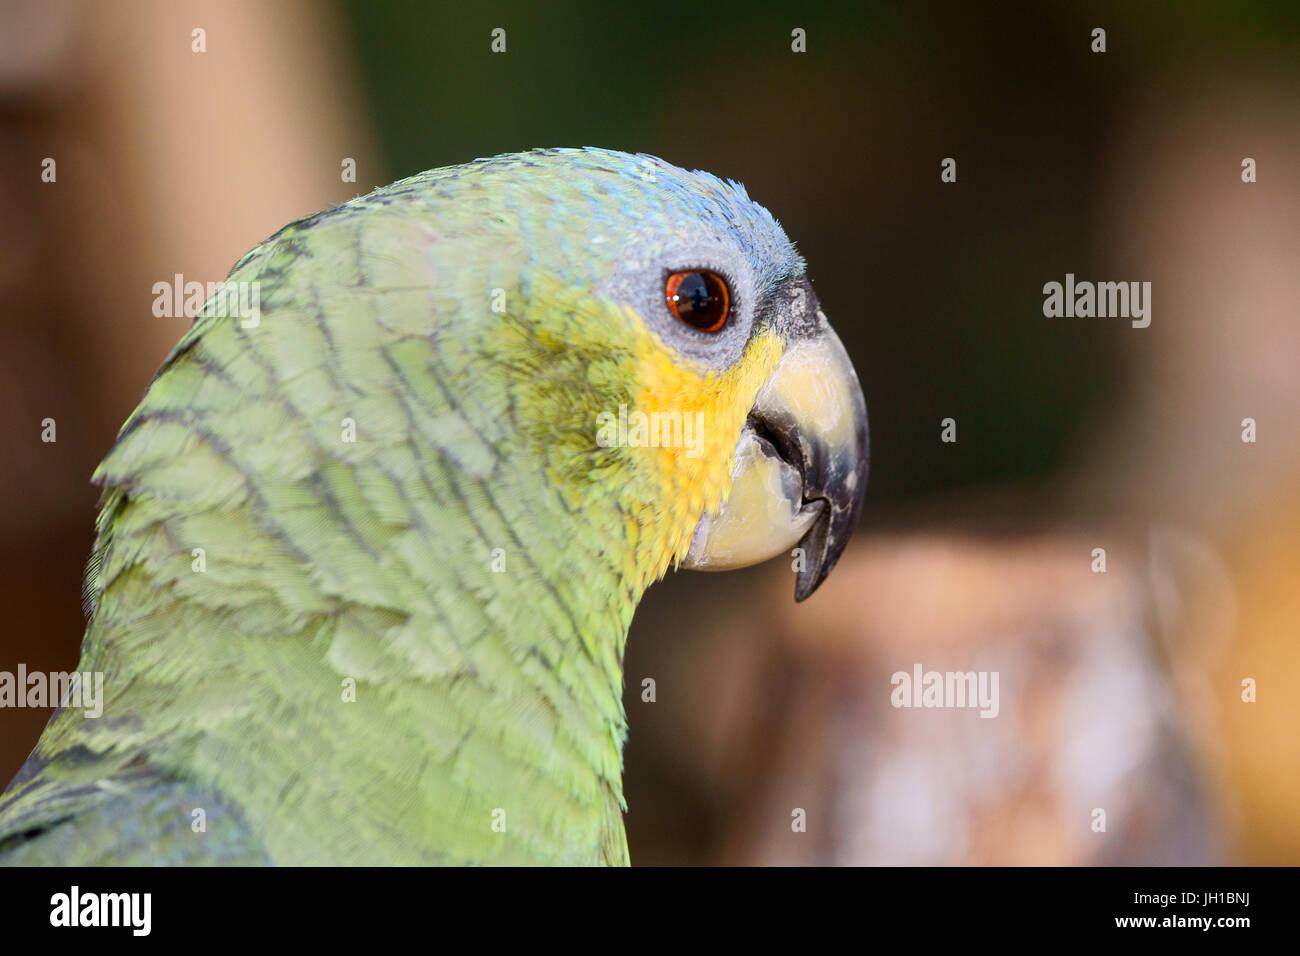 Uccello, Parrot-peccato-padule, Parrot-greco, curica, Vassouras, Maranhão Brasile Immagini Stock